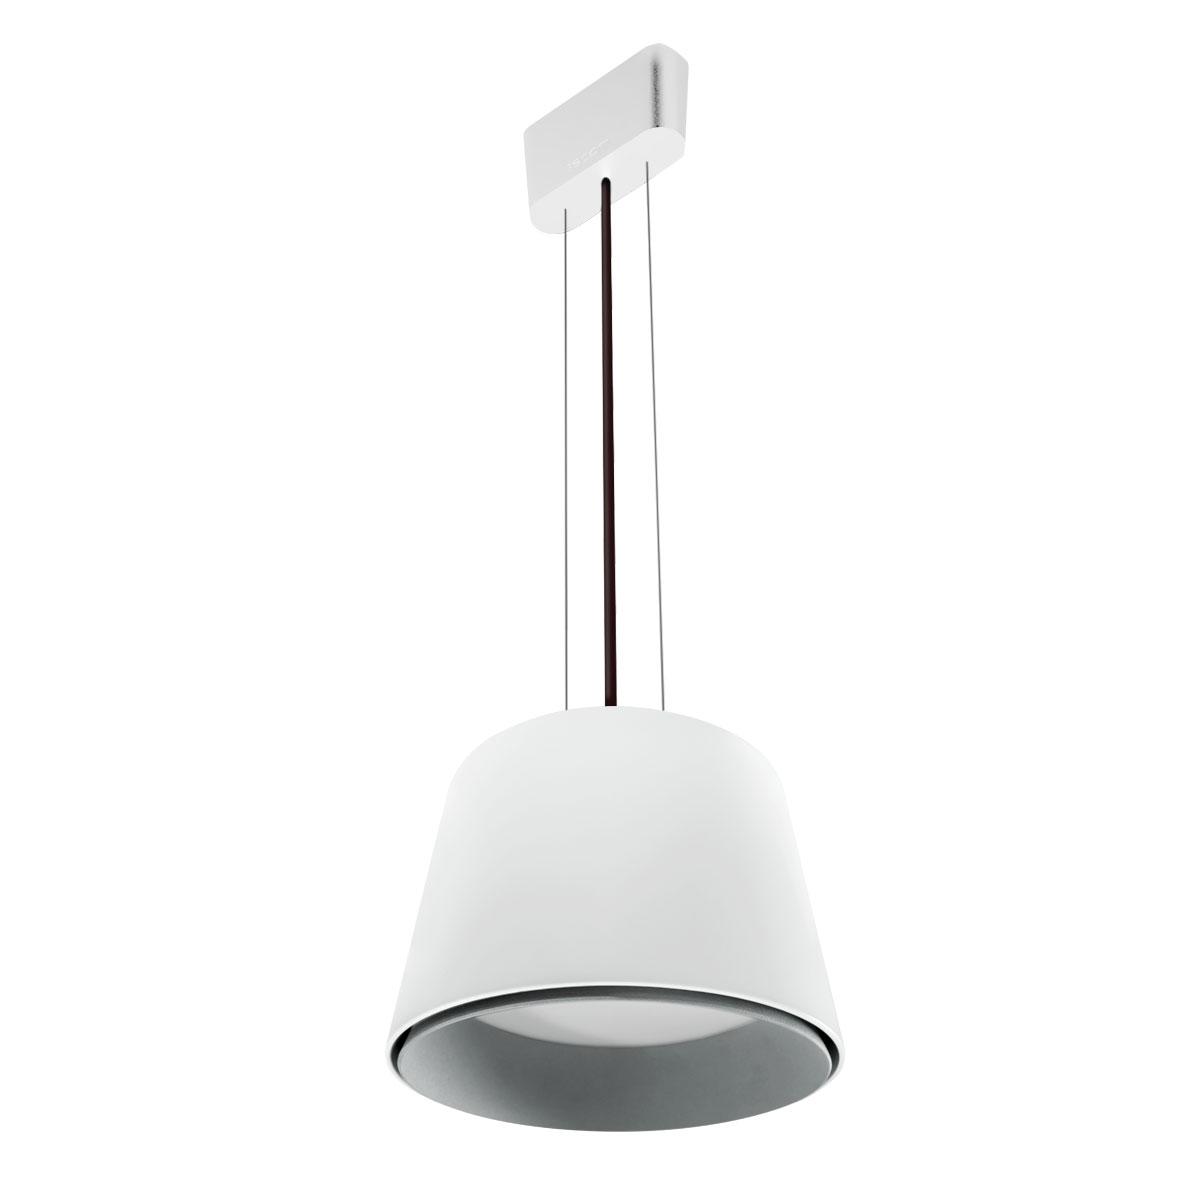 Allur luminaria interior suspensi n secom iluminaci n - Sistemas de iluminacion interior ...